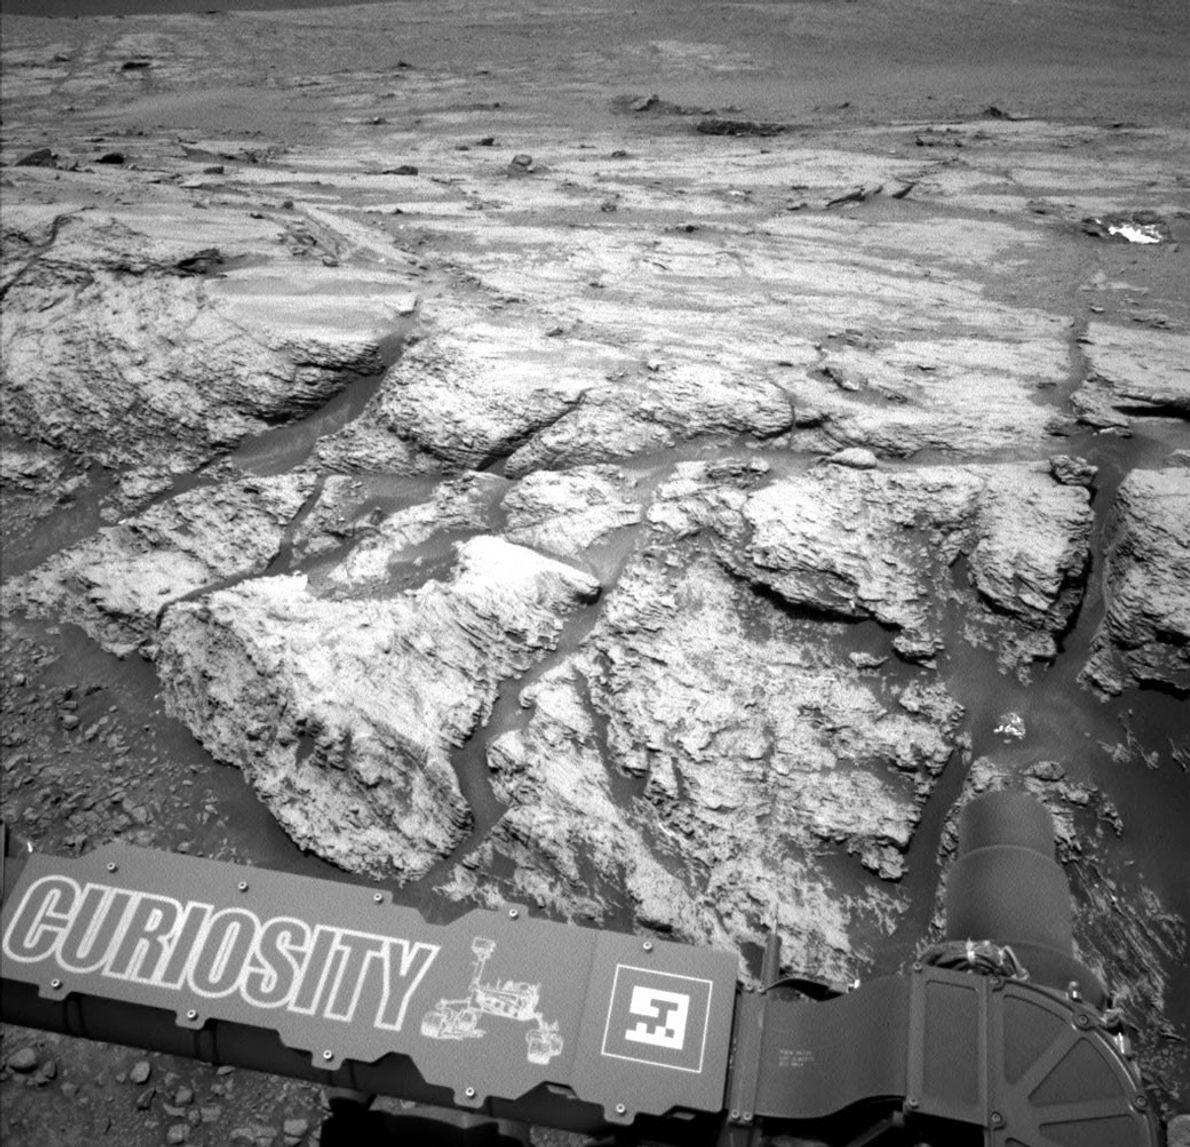 No dia 19 de junho, a sonda Curiosity Mars da NASA detetou um pico de metano ...